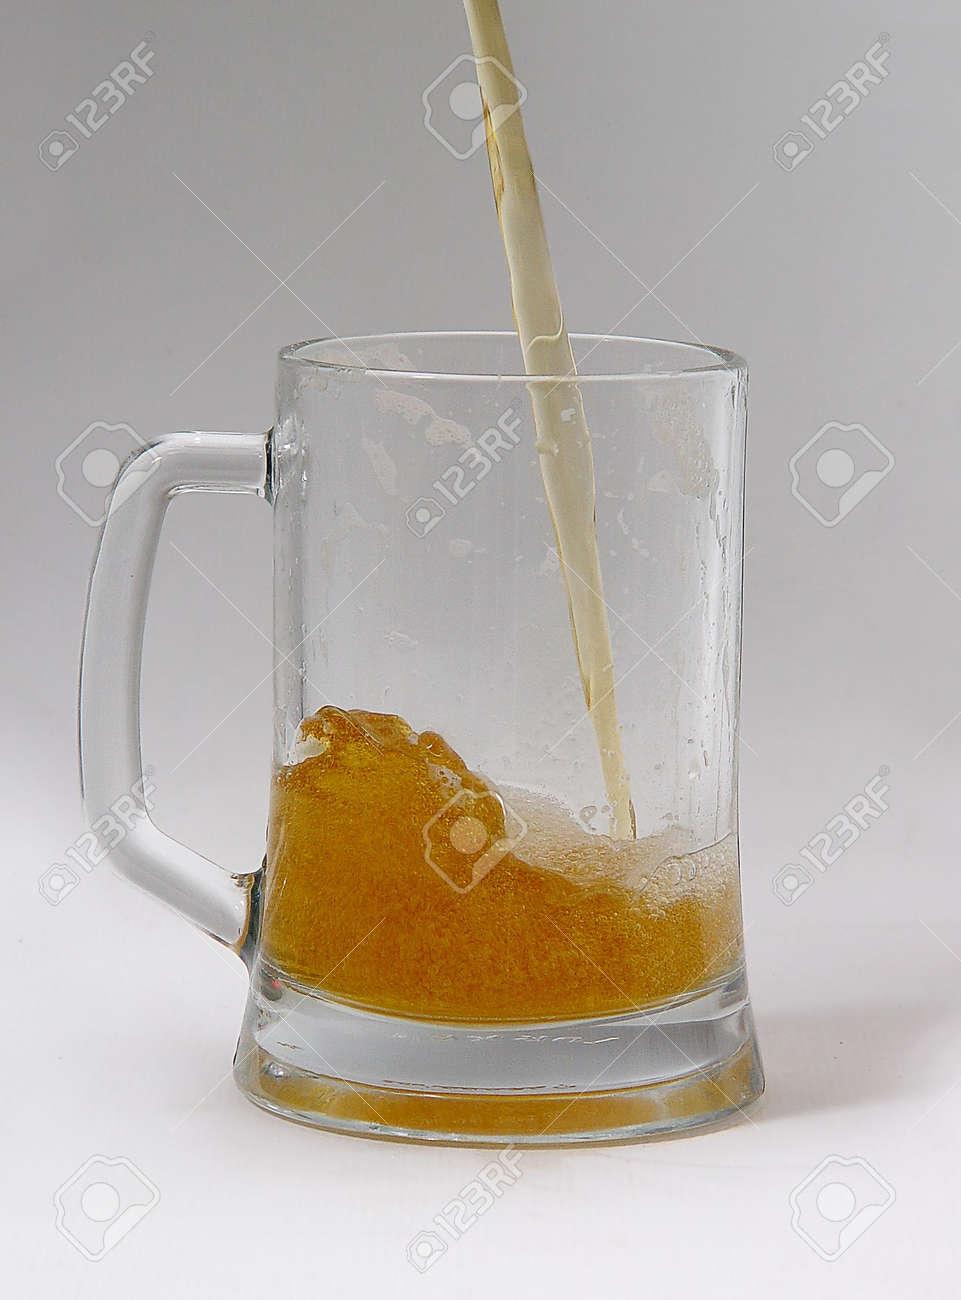 Beer mugs Stock Photo - 759683